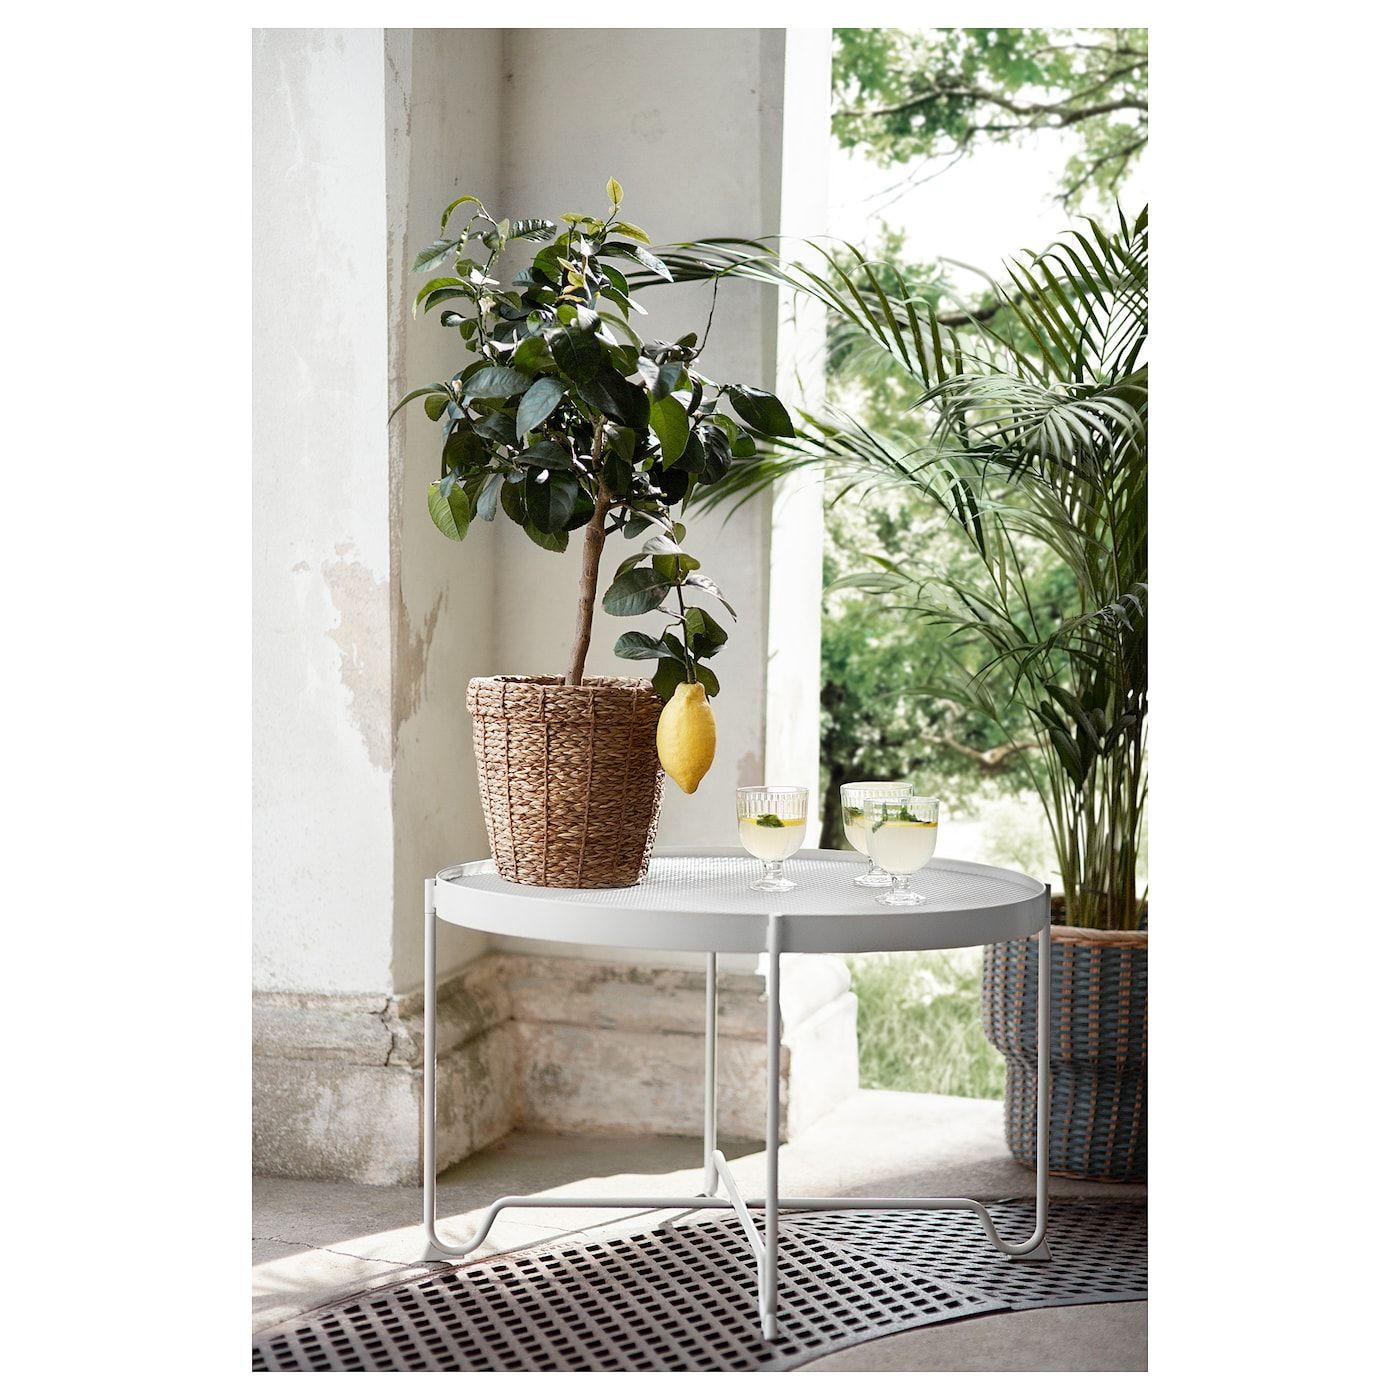 KROKHOLMEN Coffee table, outdoor, beige - IKEA  Modern outdoor